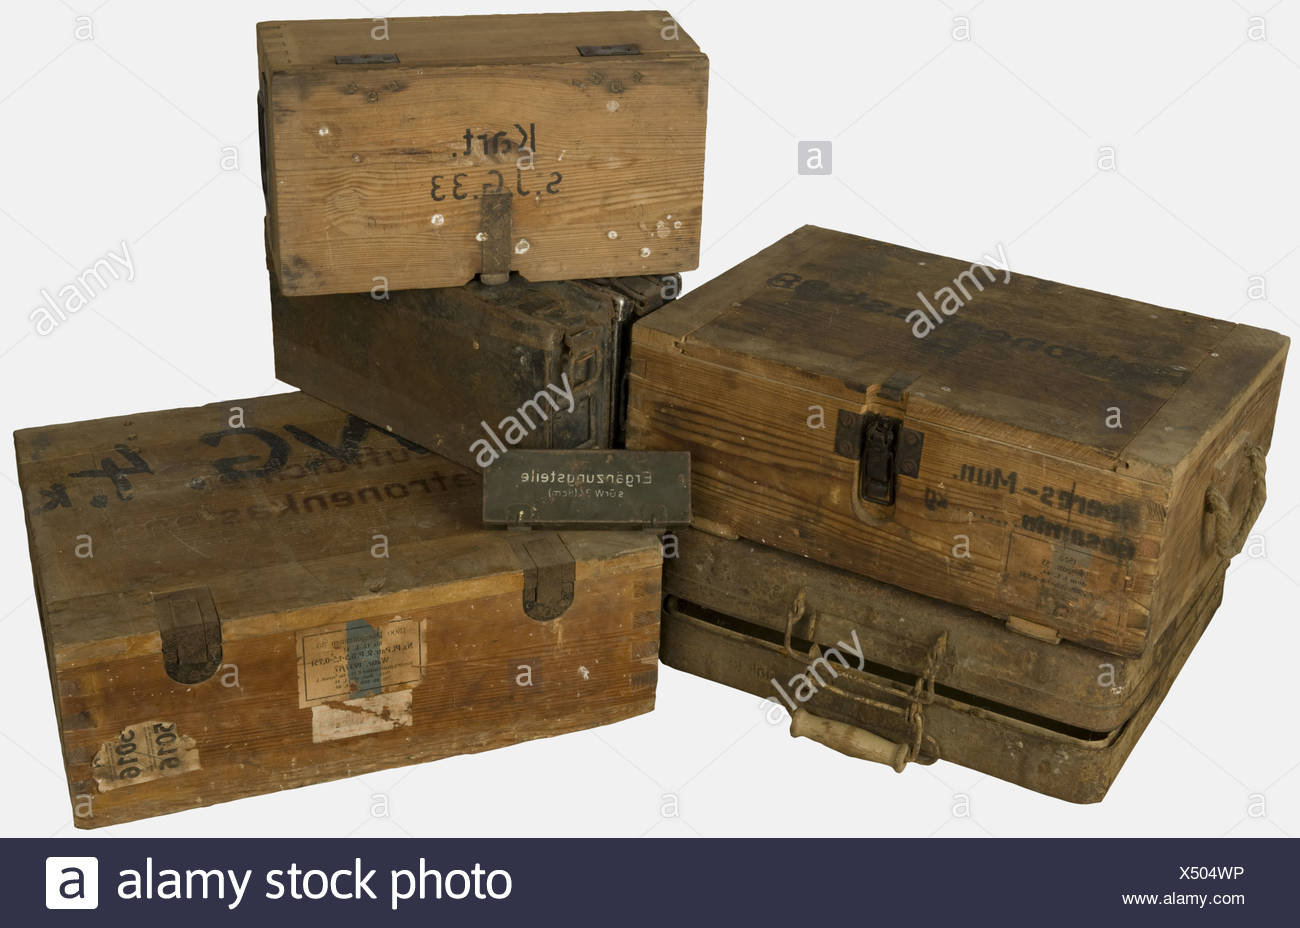 """ACCESSOIRES, Ensemble de caisses allemandes, comprenant deux caisses en bois naturel pour 1500 cartouches à blanc type 33 de calibre 7,92 x 57 avec doublure d'étanchéité en zinc, l'une datant de 1941 et marquée sur le couvercle à chaud """"Luftdichter Patronenkasten"""" et en surimpression """"W.G.4.K."""", l'autre datant de 1944 marquée sur le couvercle """"Patronenkasten 38 B."""", une petite boite en tôle feldgrau pour pièces détachées de mortier de 8cm avec peinture blanche sur le couvercle, deux caisses pour bandes de mitrailleuses M.G 34/42, une en tôle d'acier, une en tôl, Additional-Rights-Clearances-NA Stock Photo"""